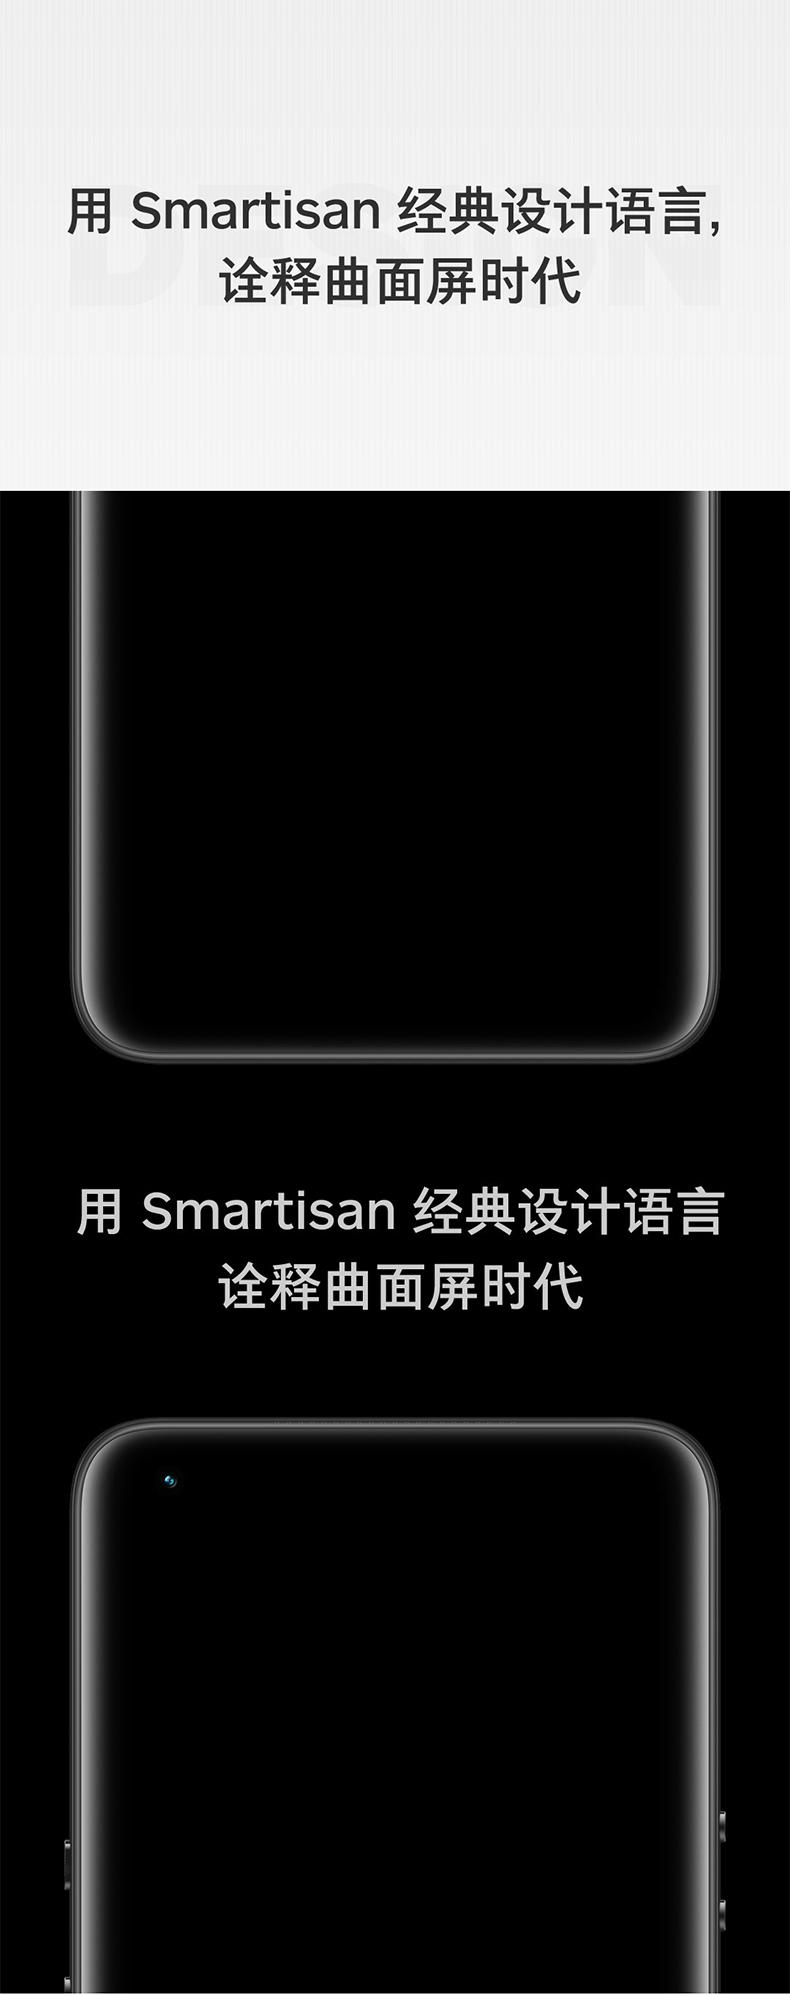 锤子科技 坚果 R2 5G智能手机 8+128G 图4